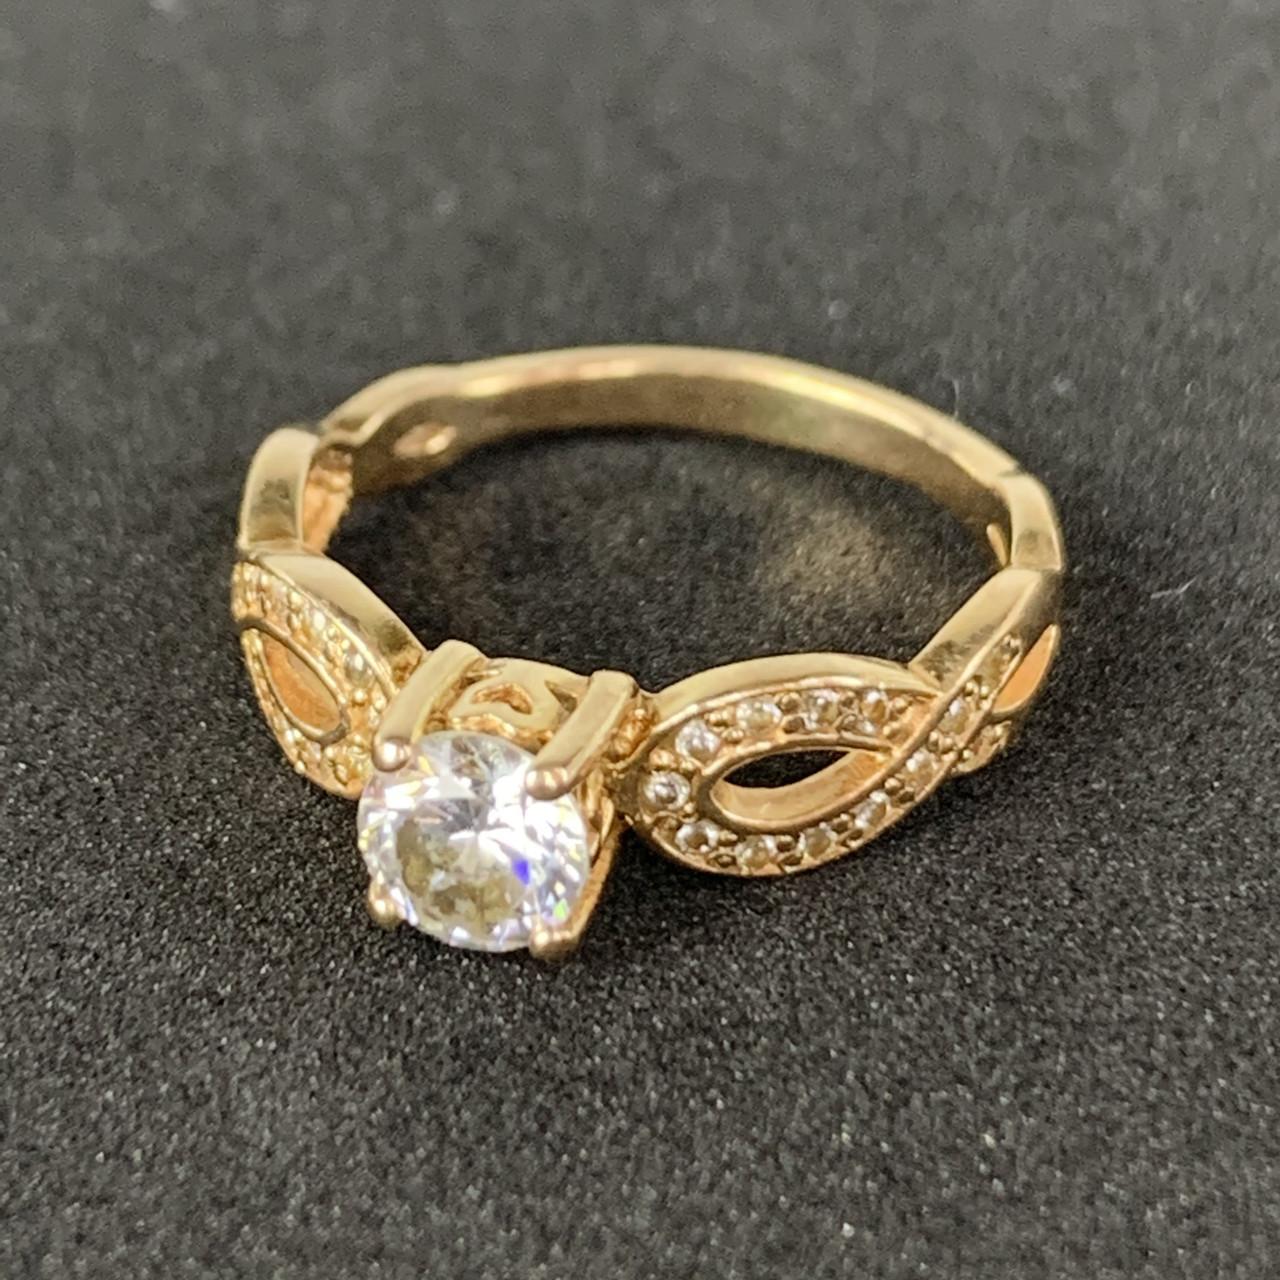 Золотое кольцо с фианитами 585 пробы, вес 2,49г. Б/у. Продажа из ломбарда